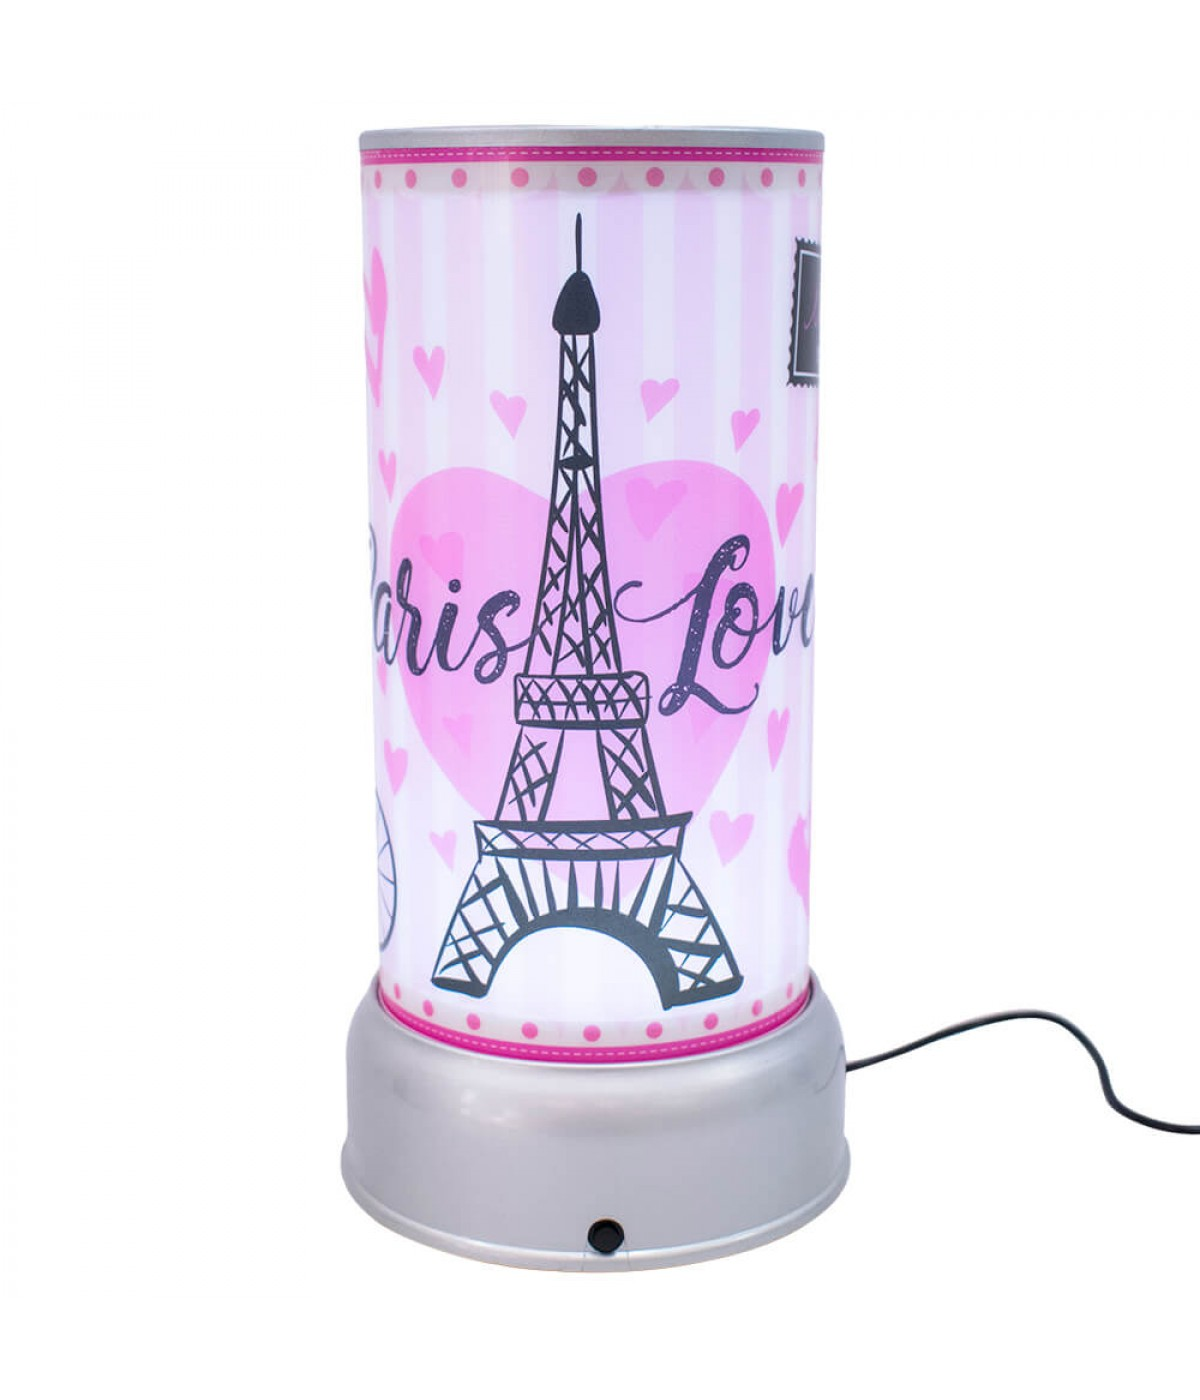 Luminária Giratória  Paris Love- Projeto Kiwi